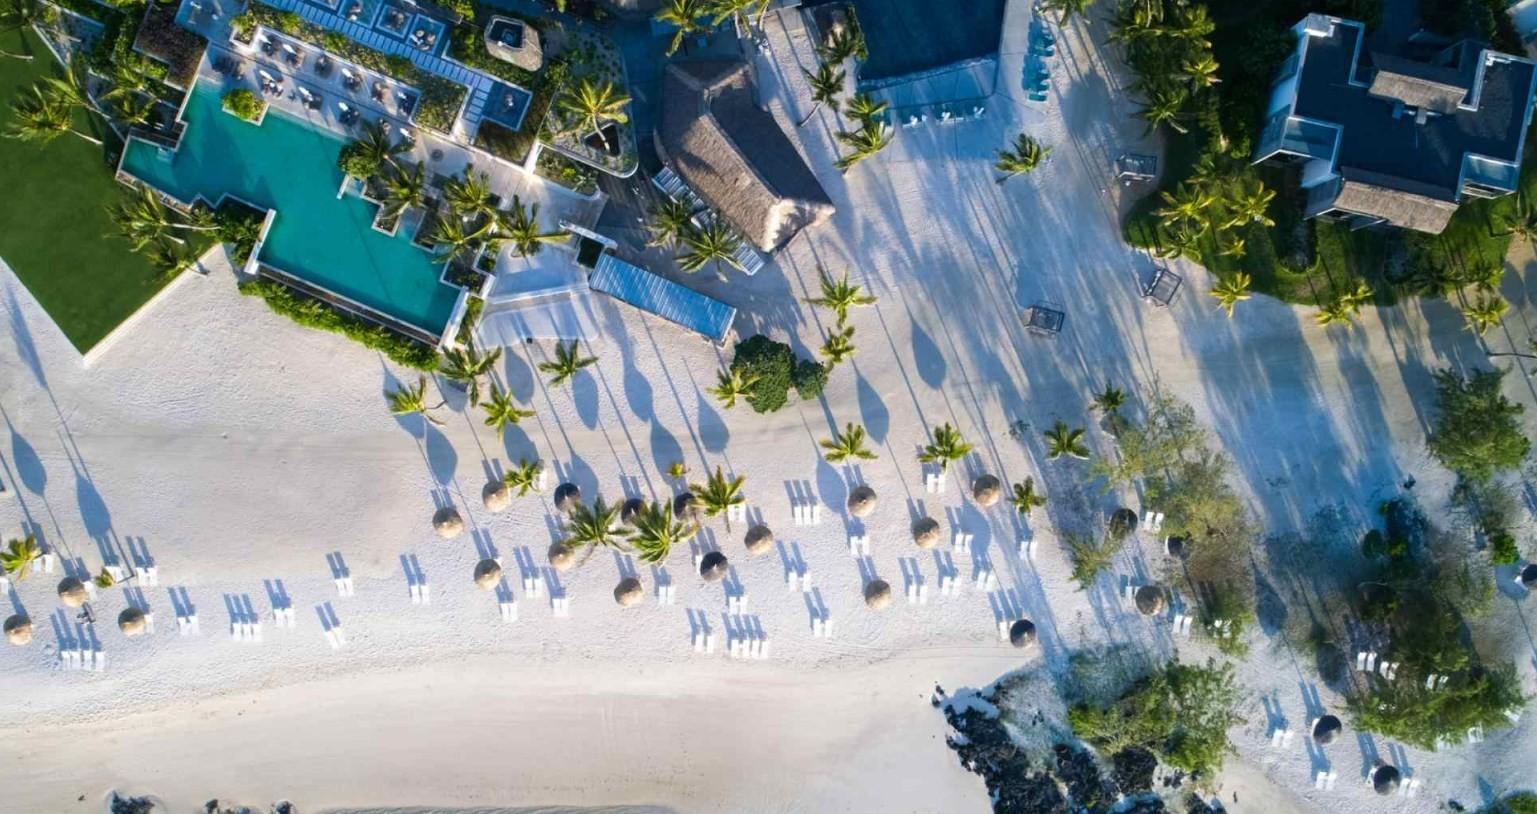 news-main-sun-resorts-collabore-avec-sgs-sur-un-label-devaluation-de-desinfection-pour-lindustrie-hoteliere.1589364803.jpg